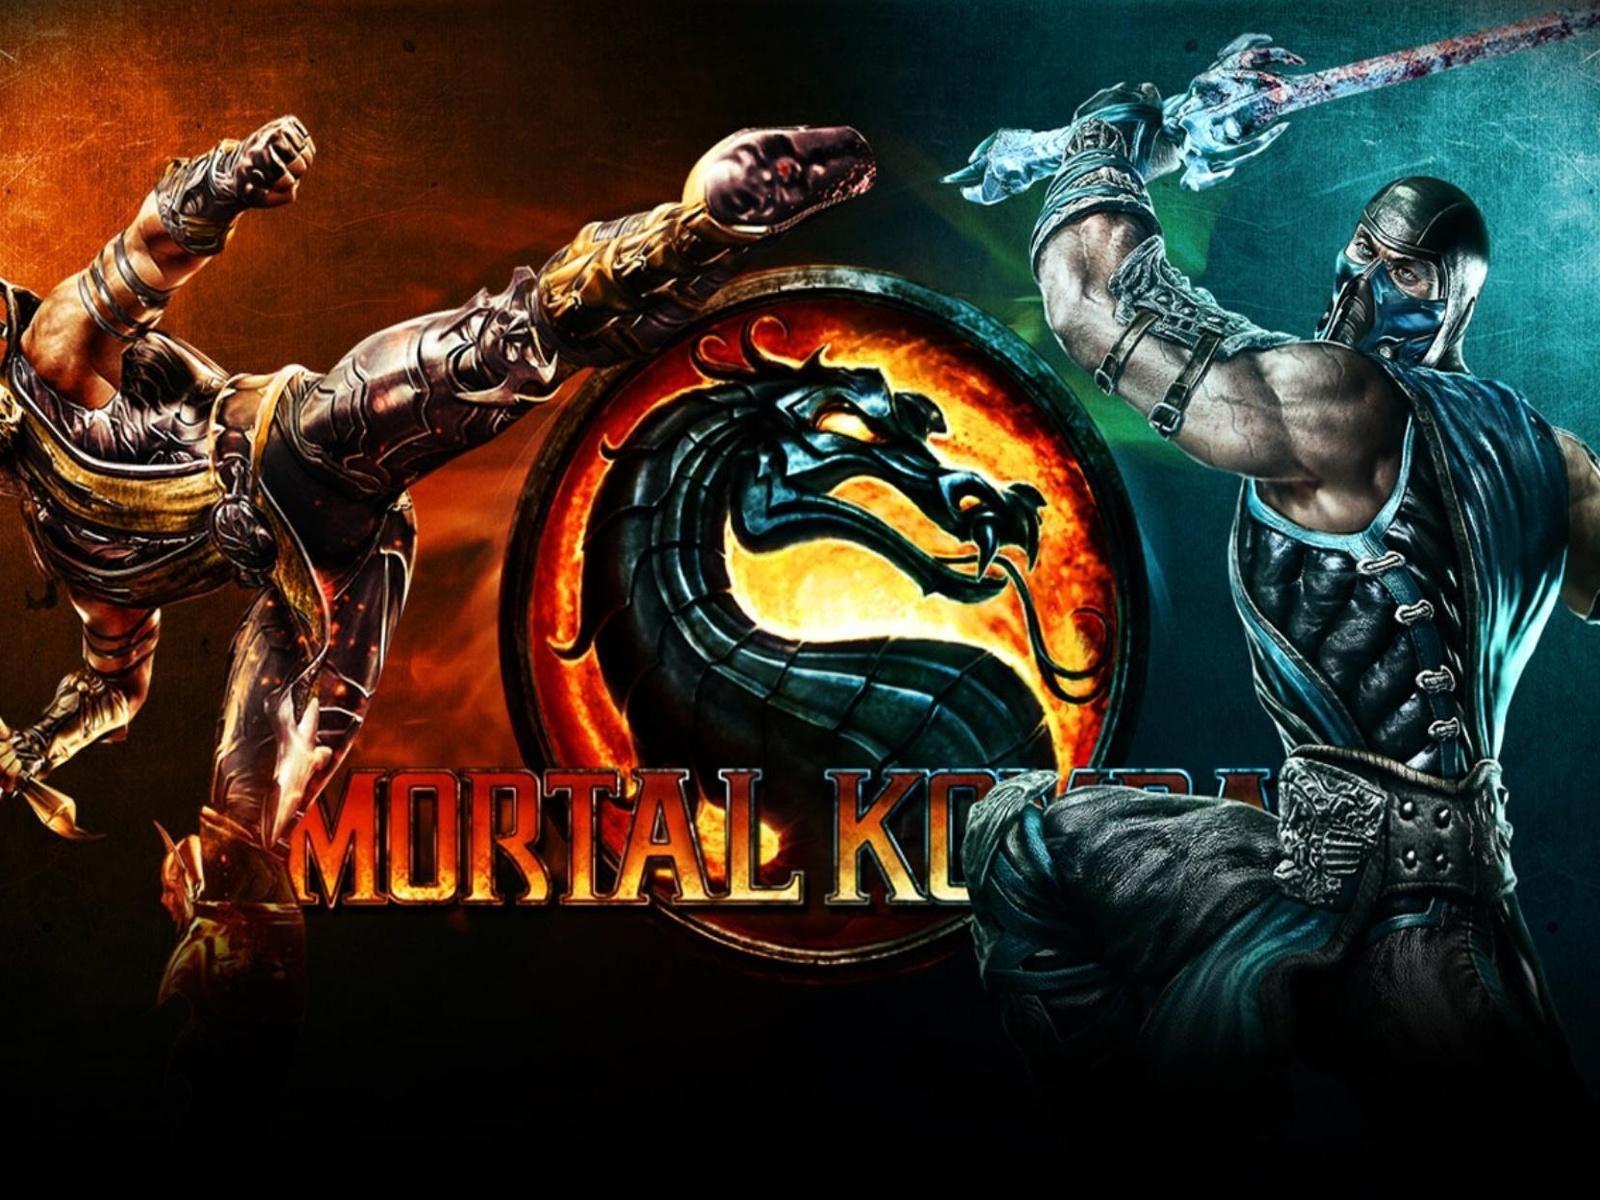 Обои Mortal kombat, персонажи, komplete edition. Игры foto 14